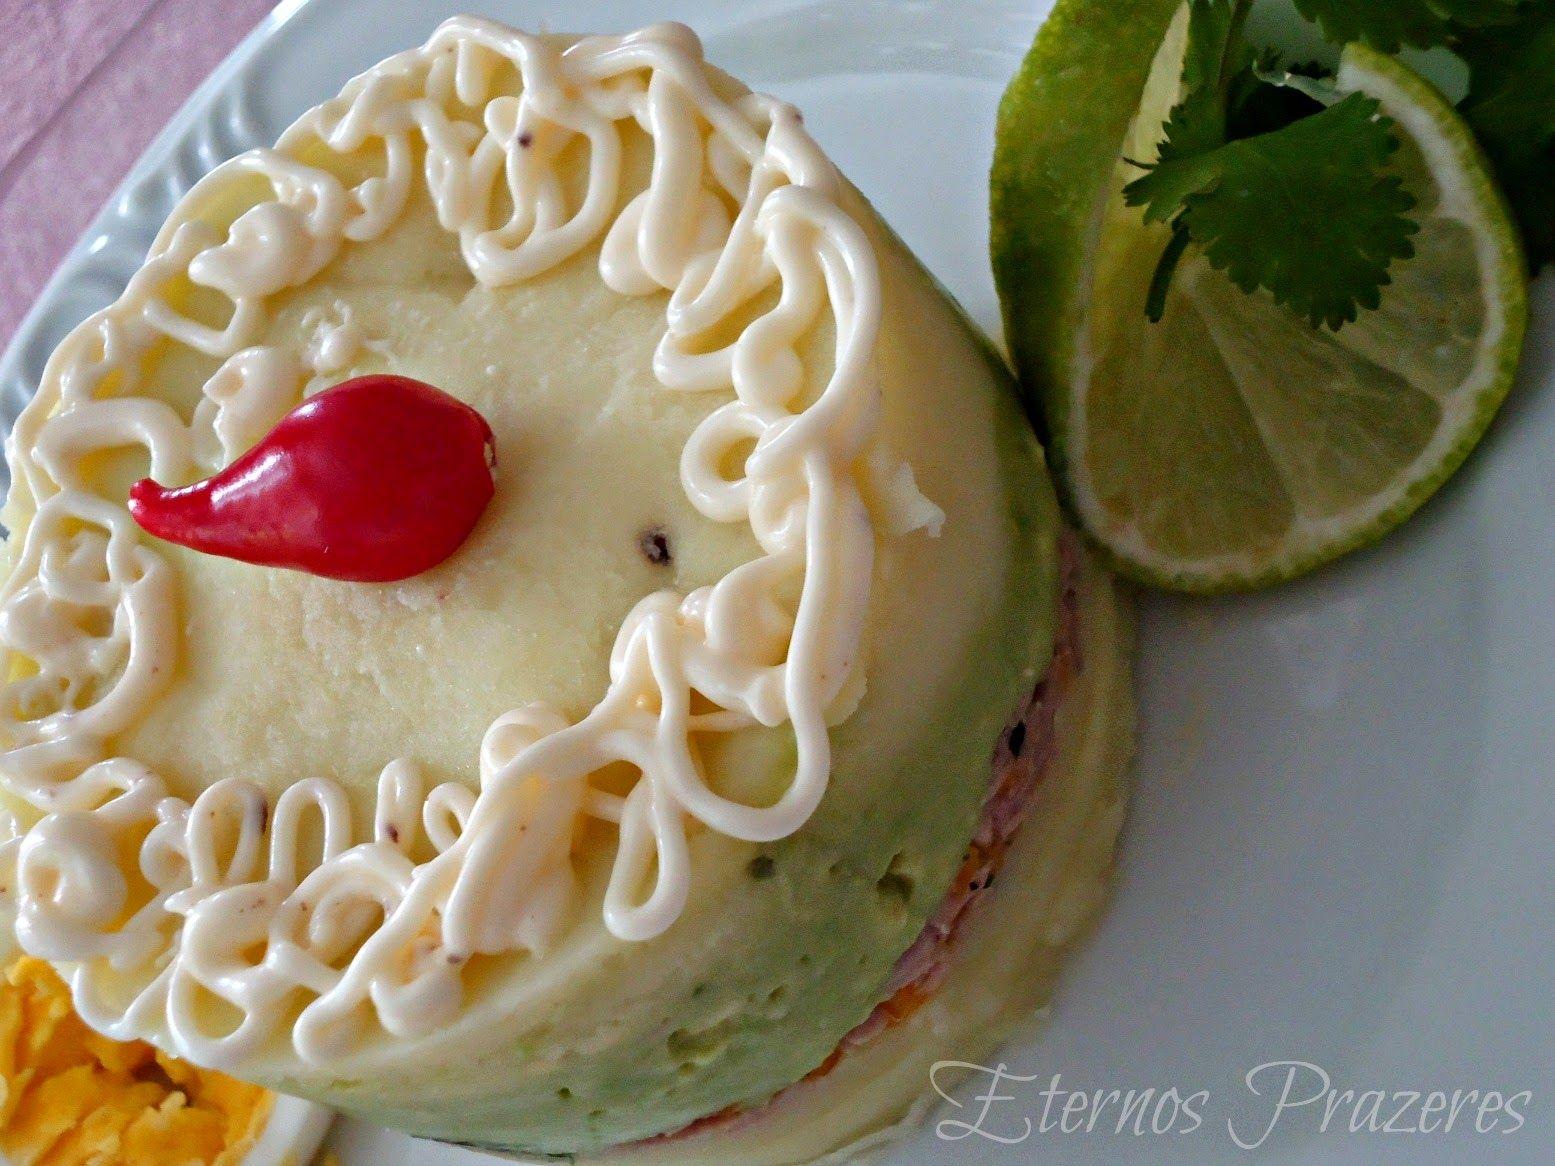 Eternos Prazeres: Causa Peruana...você vai querer experimentar!